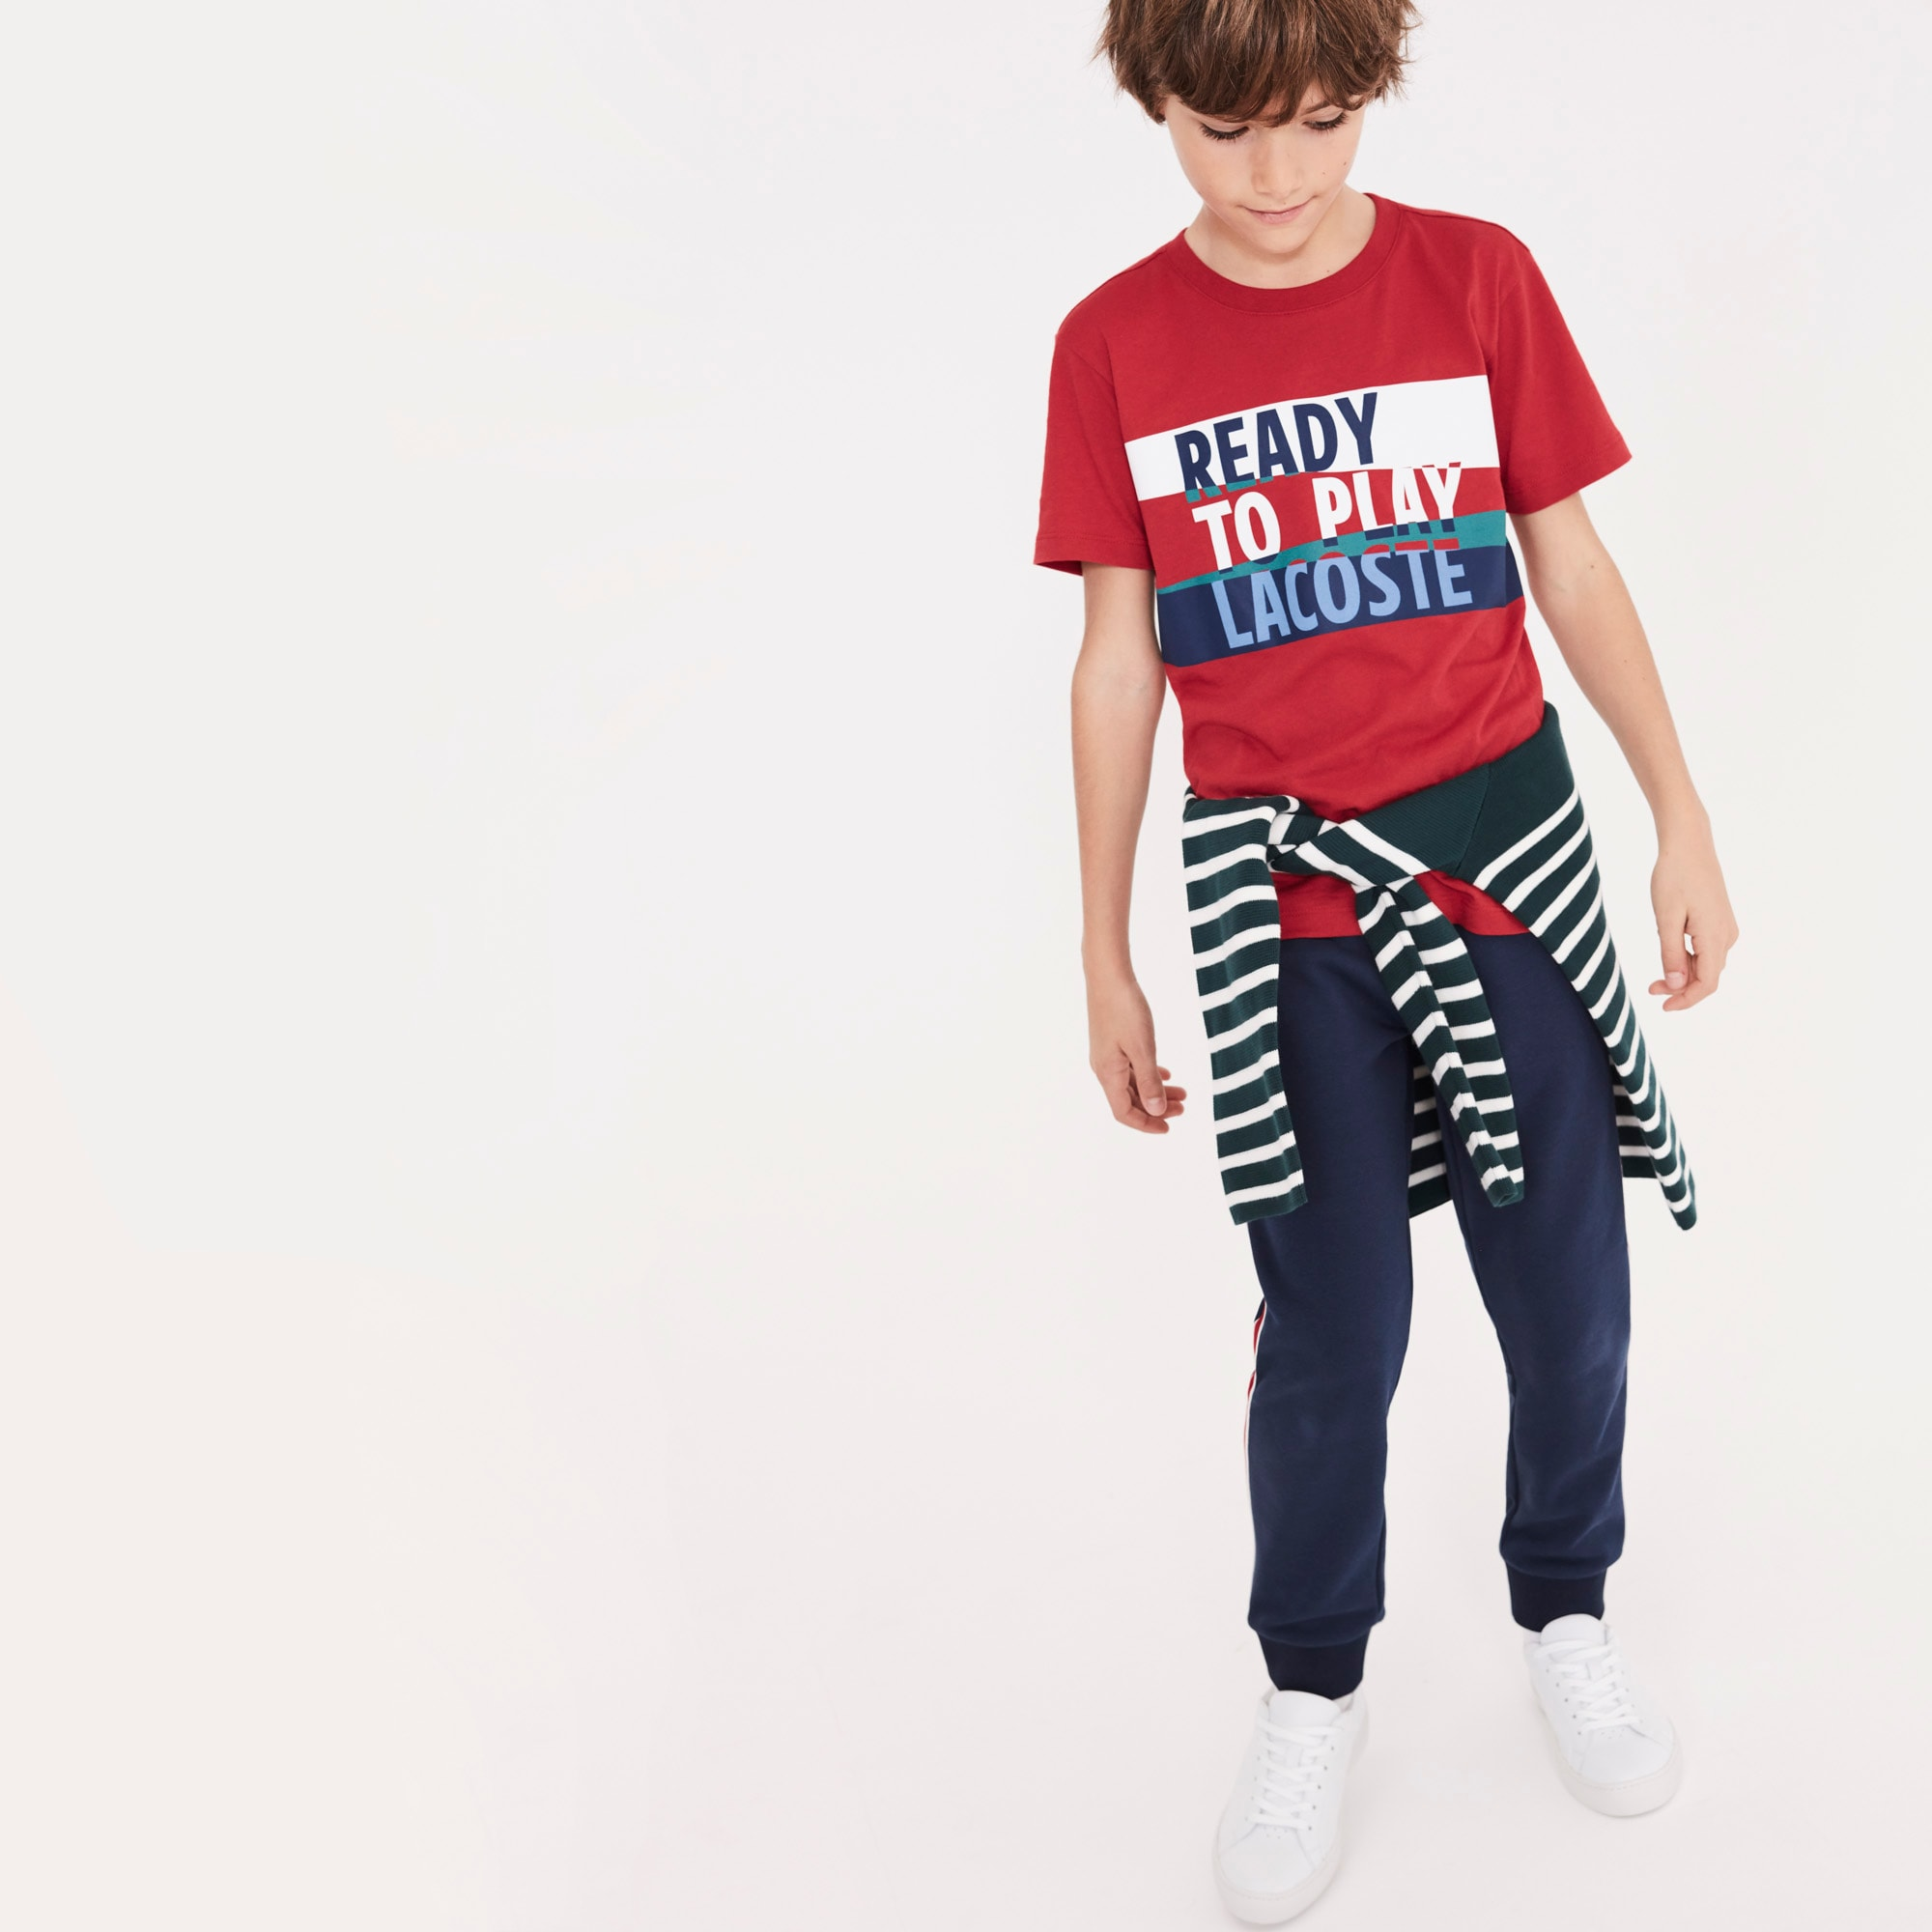 Lacoste - Camiseta De Niño En Tejido De Punto De Algodón Con Inscripción Ready To Play Y Cuello Redondo - 2